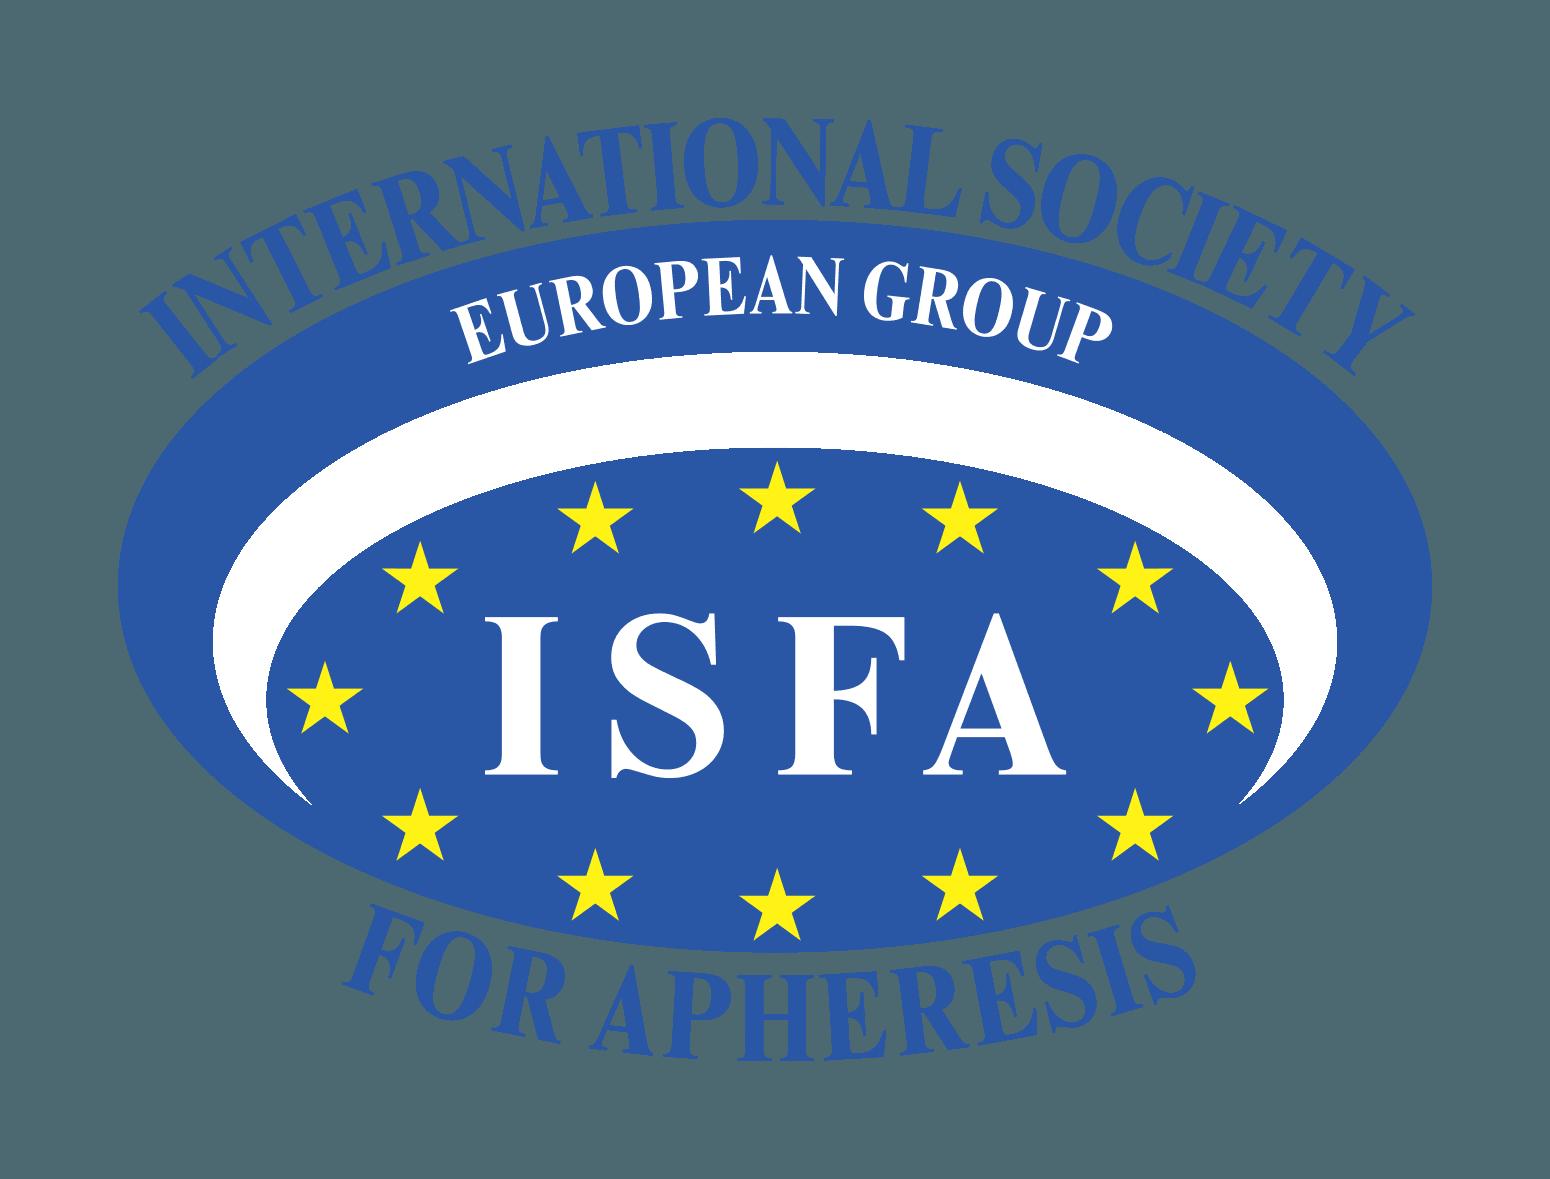 eisfa logo